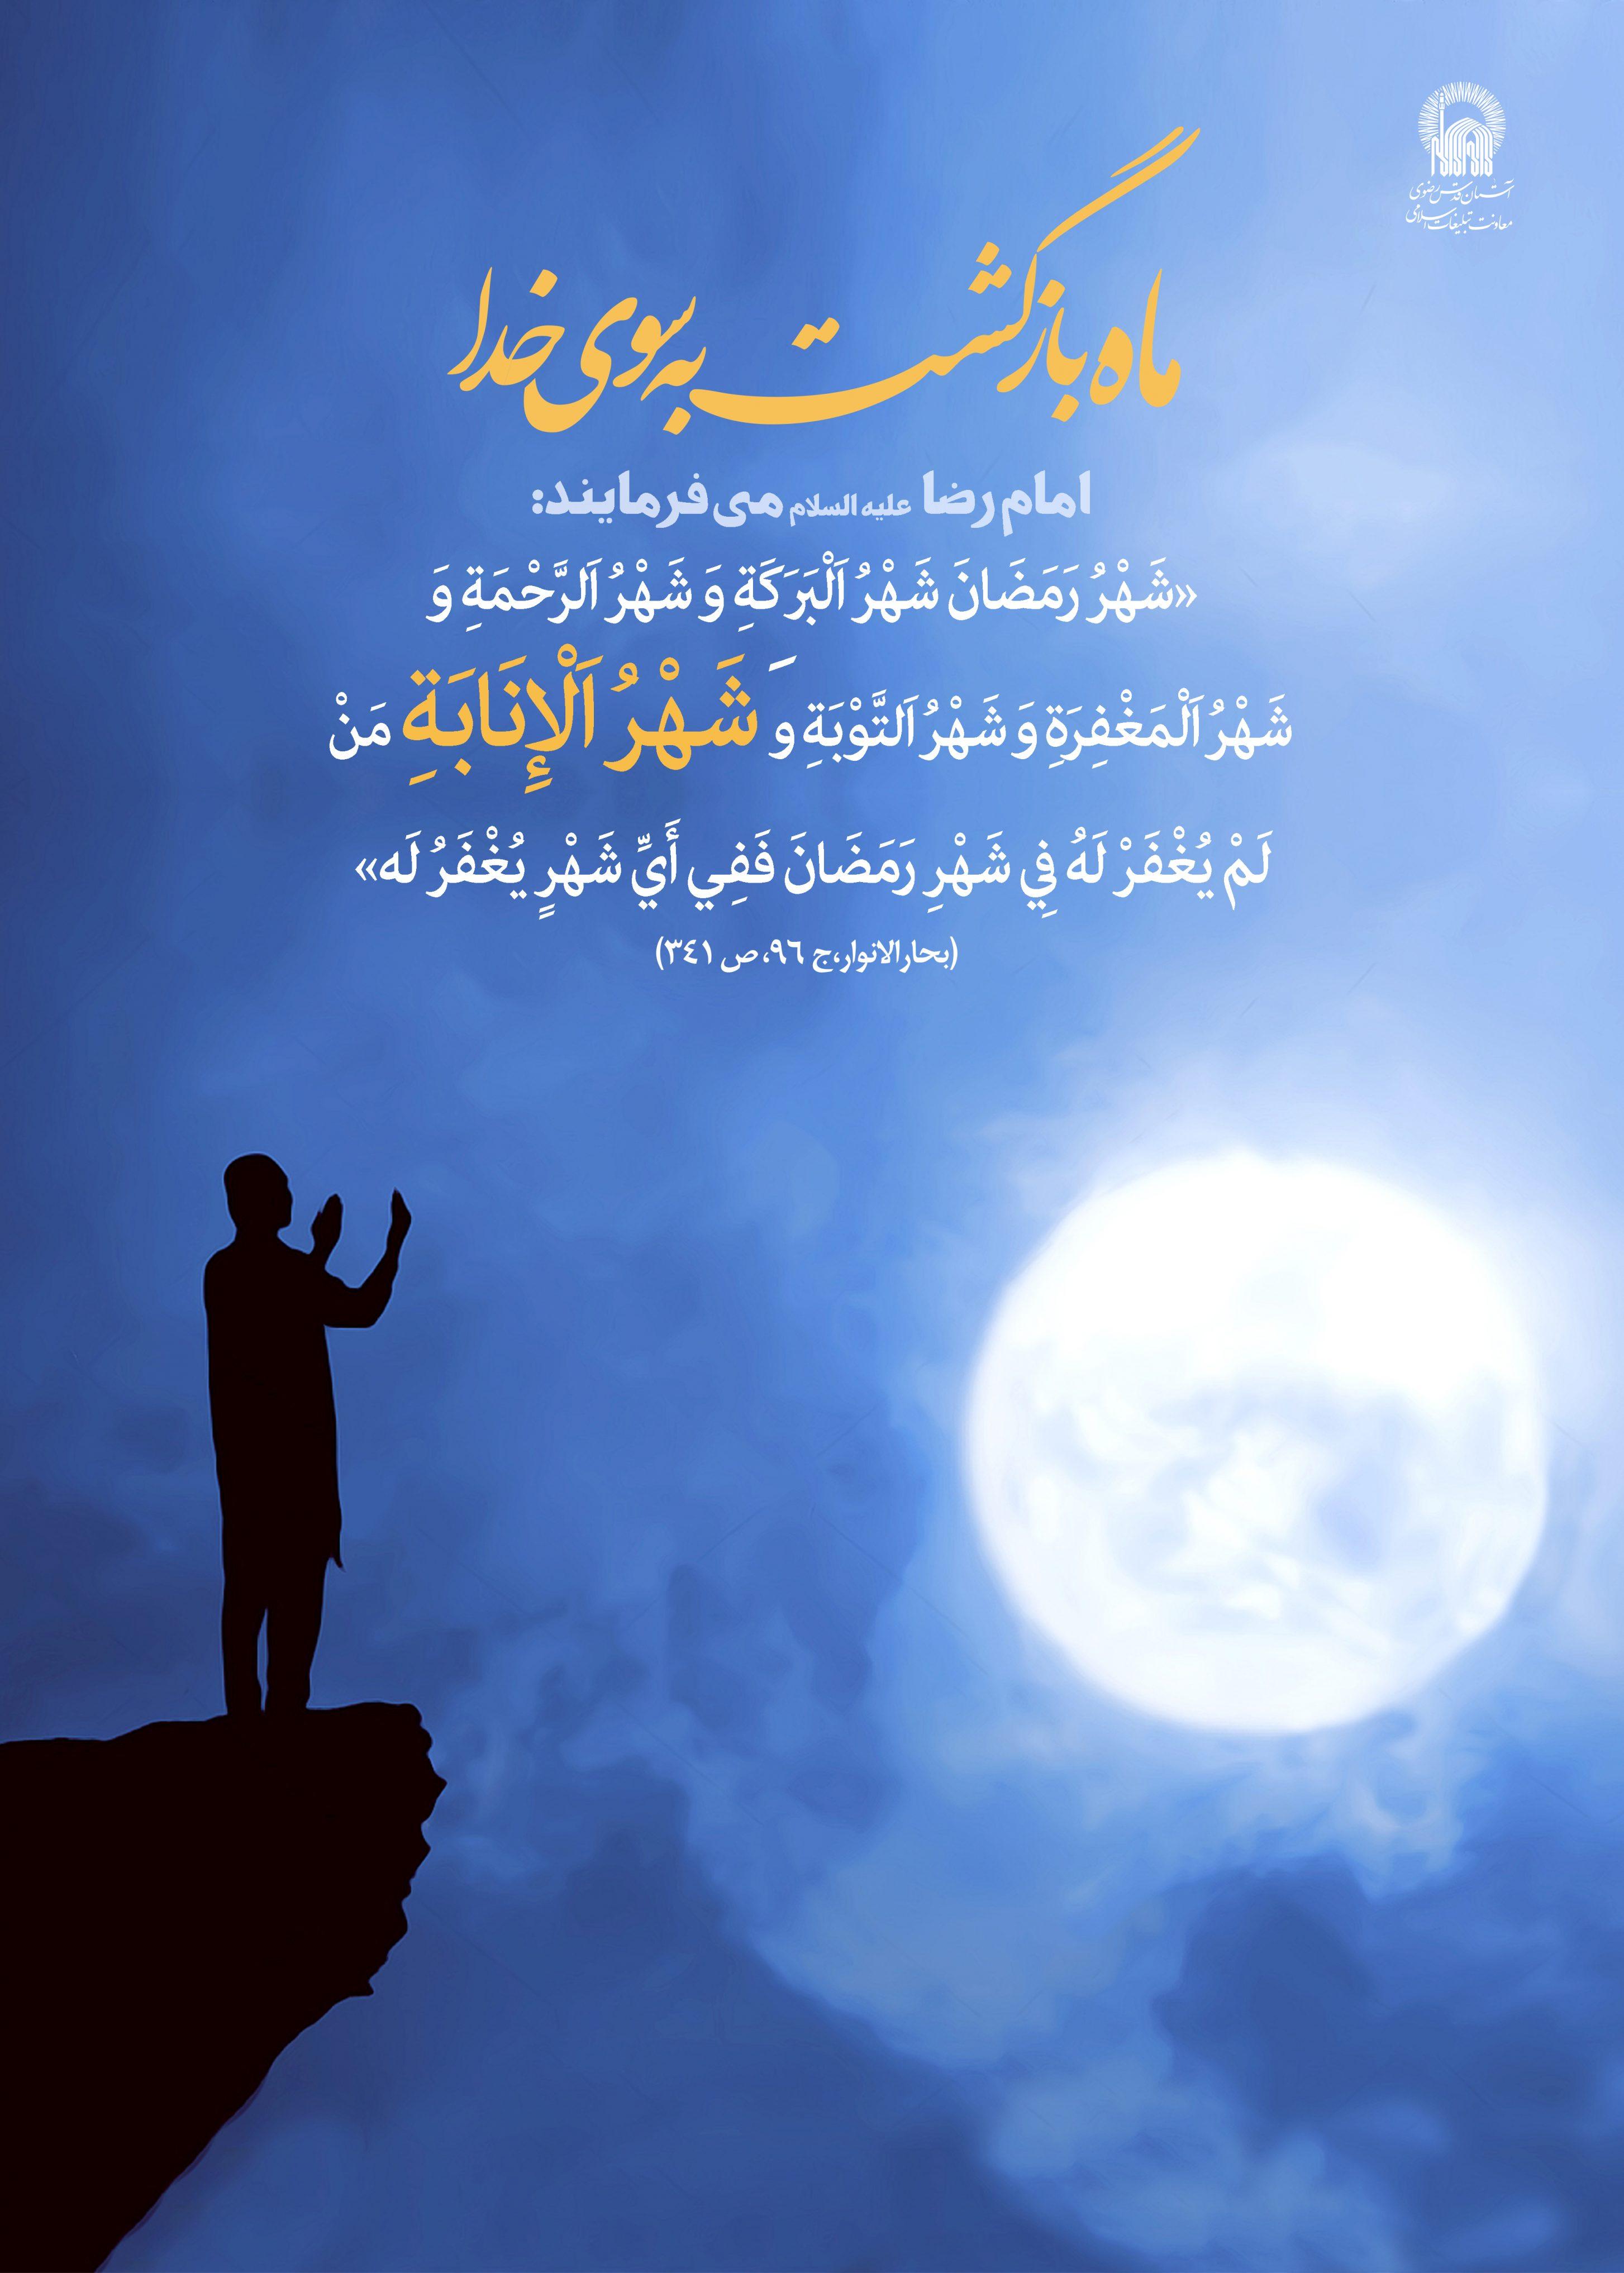 رمضان ماهِ بازگشت به سوی خدا